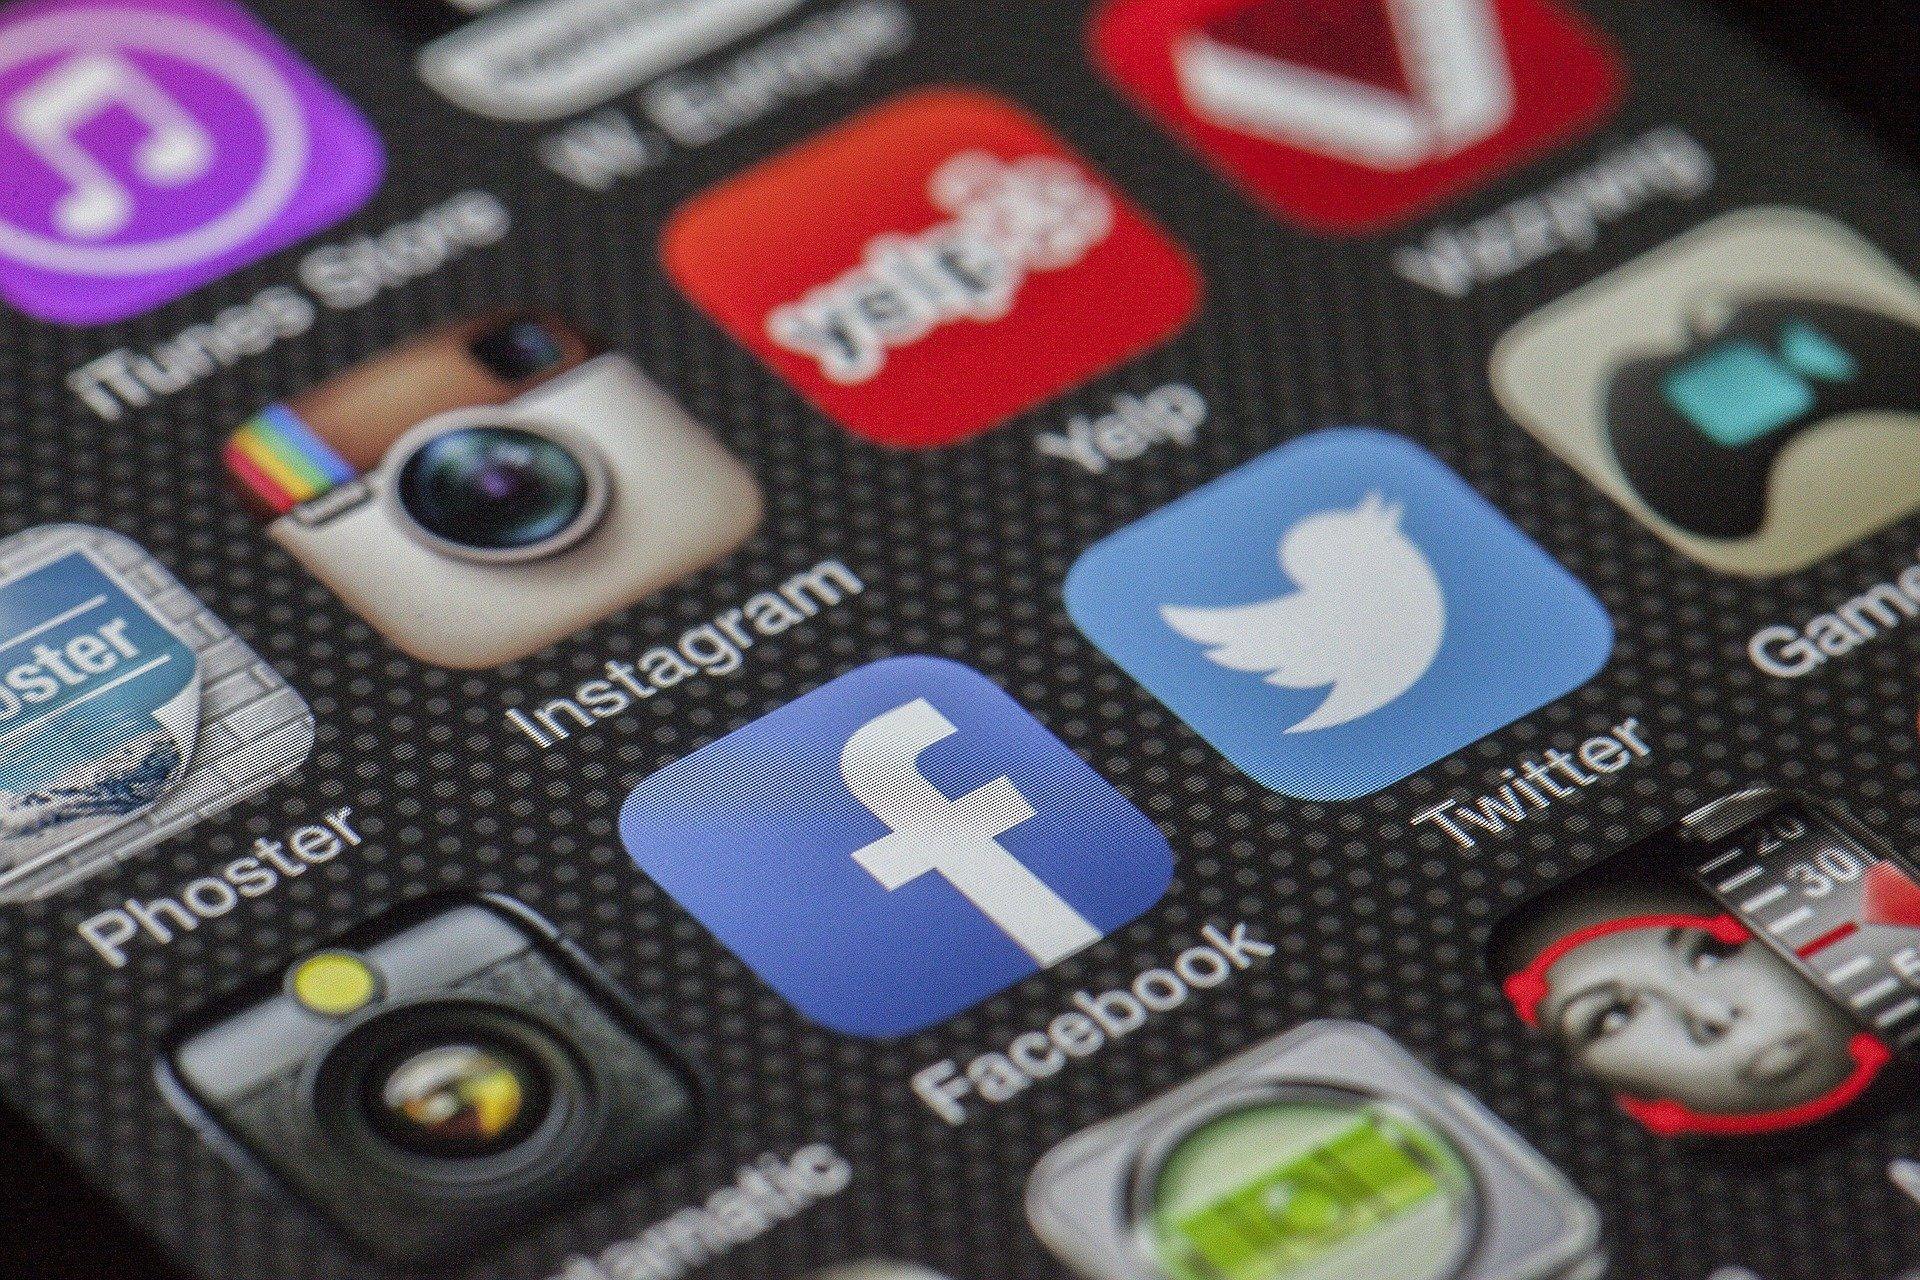 Стало известно о блокировке соцсетей и мессенджеров в Азербайджане на фоне конфликта в Карабахе